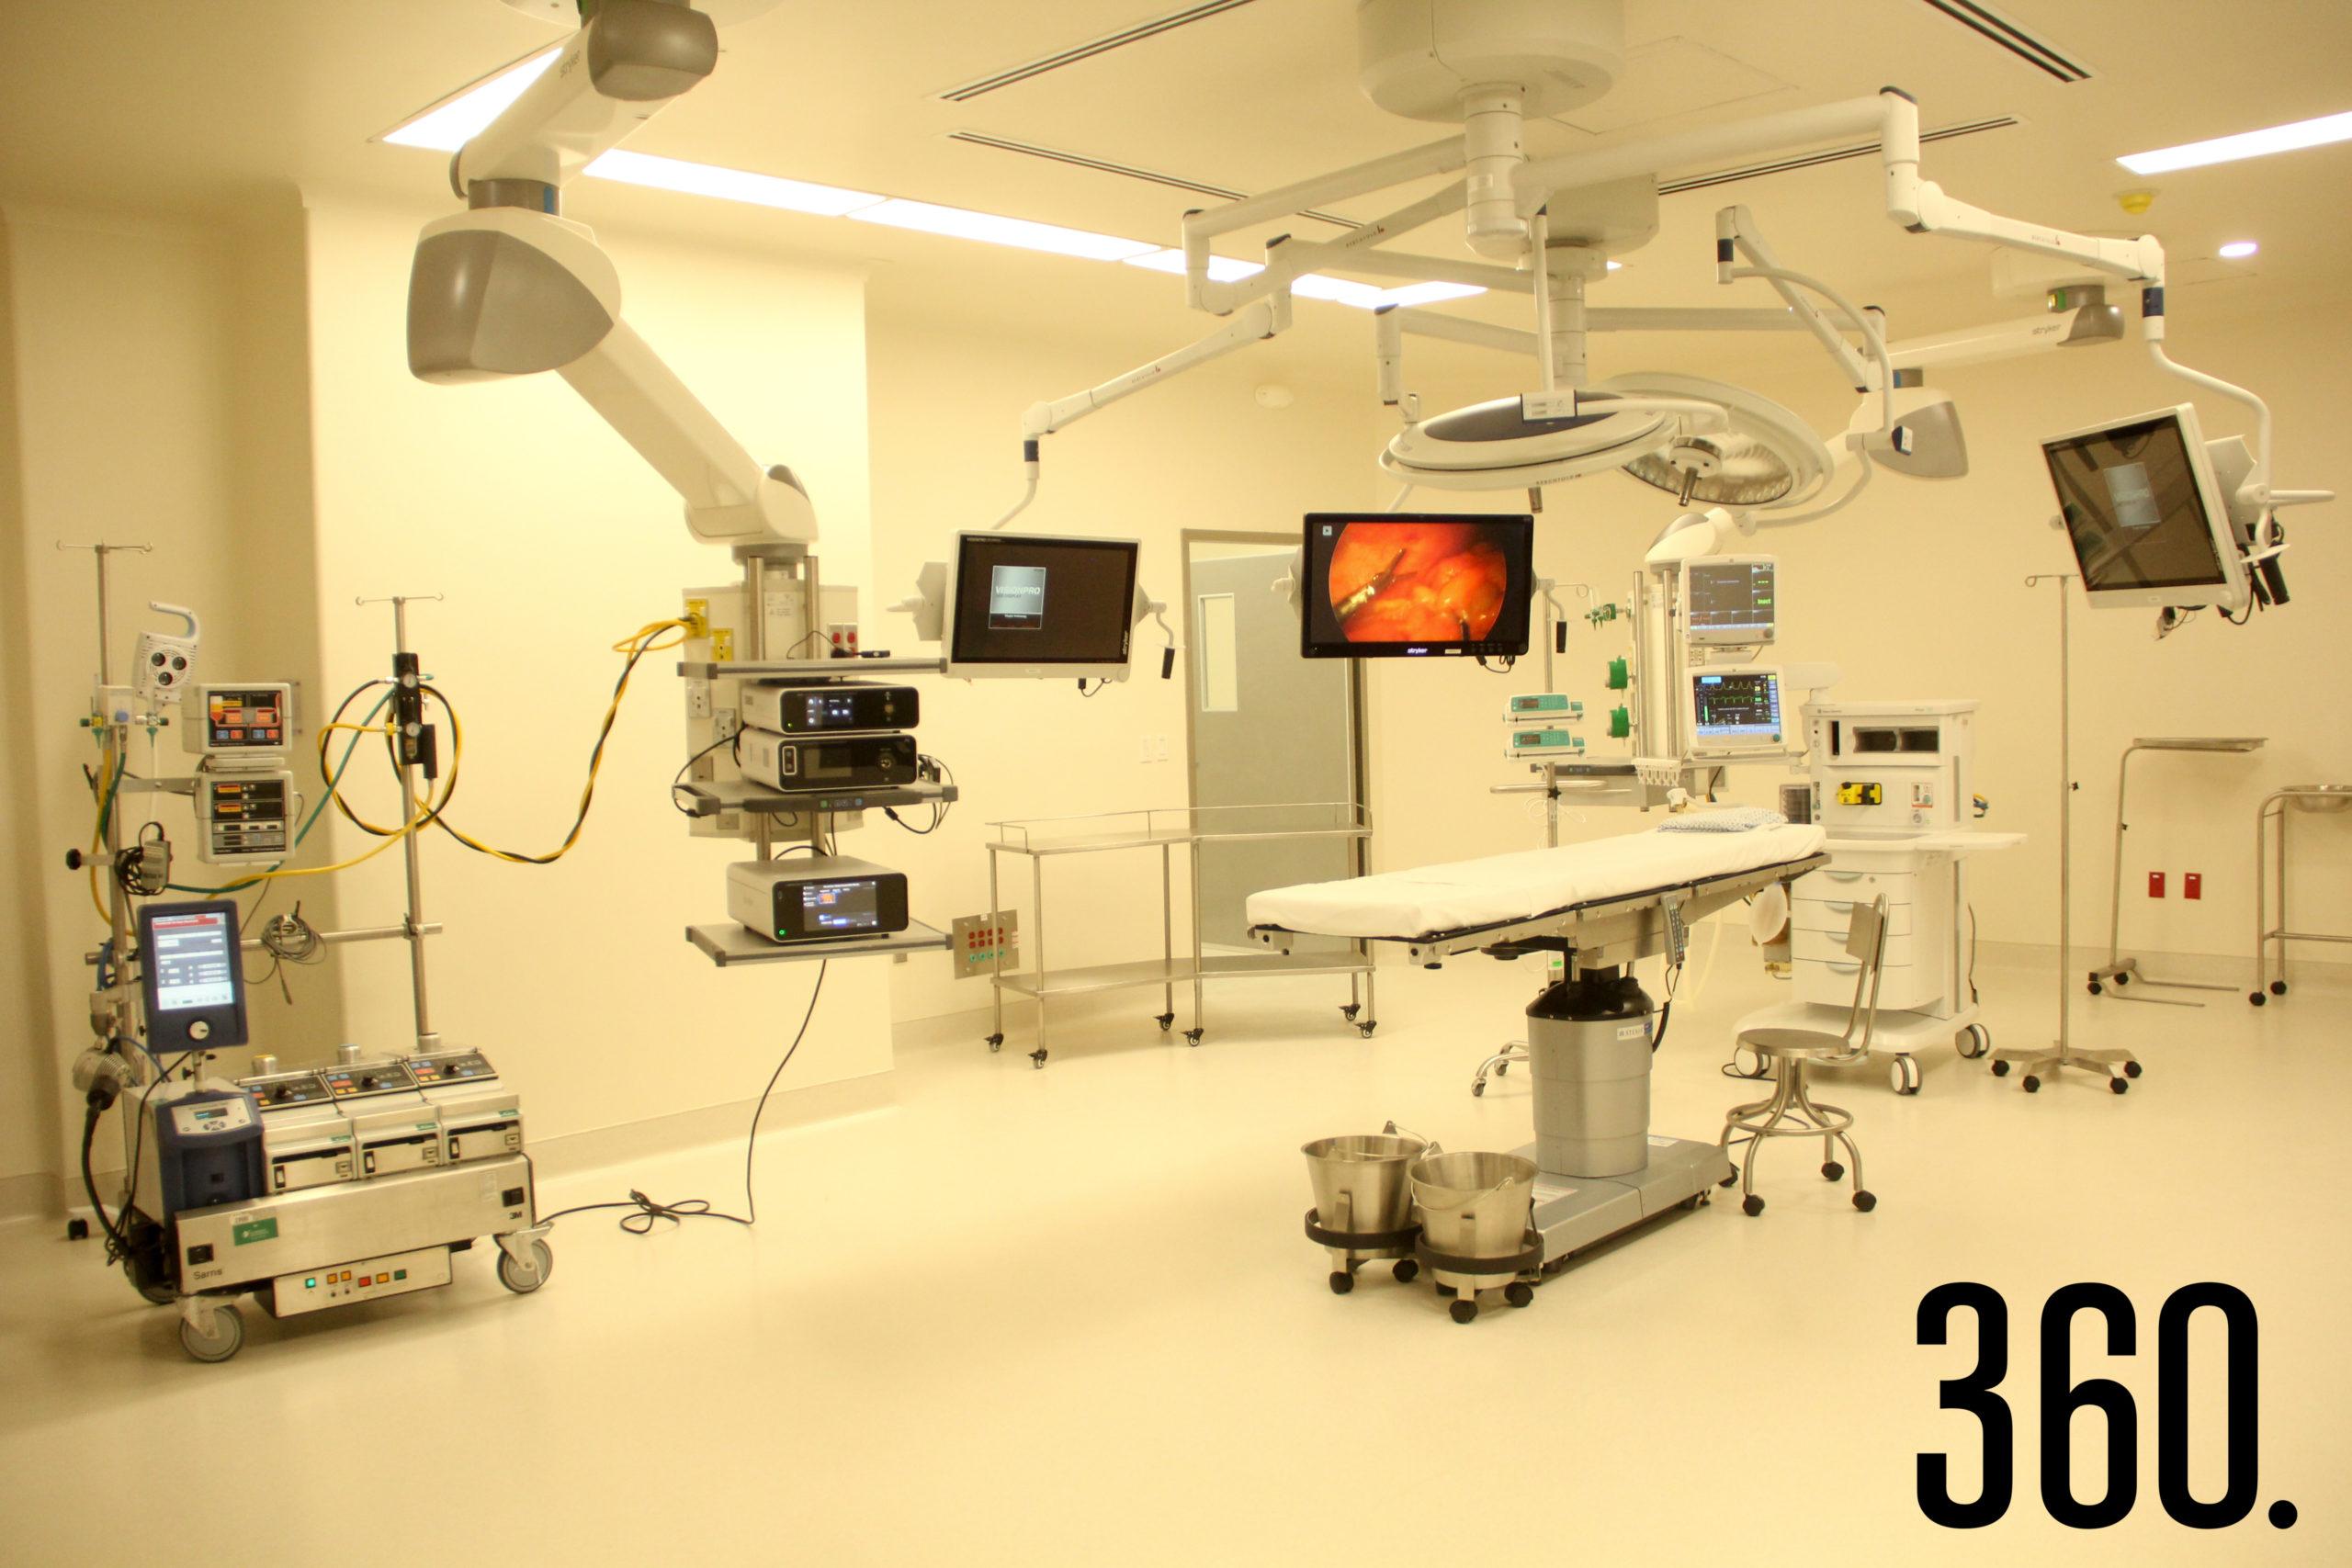 Se inauguraron 10 salas de quirófanos, 8 salas de preoperatorios, 10 cubículos de recuperación y un área de obstetricia/tocología.